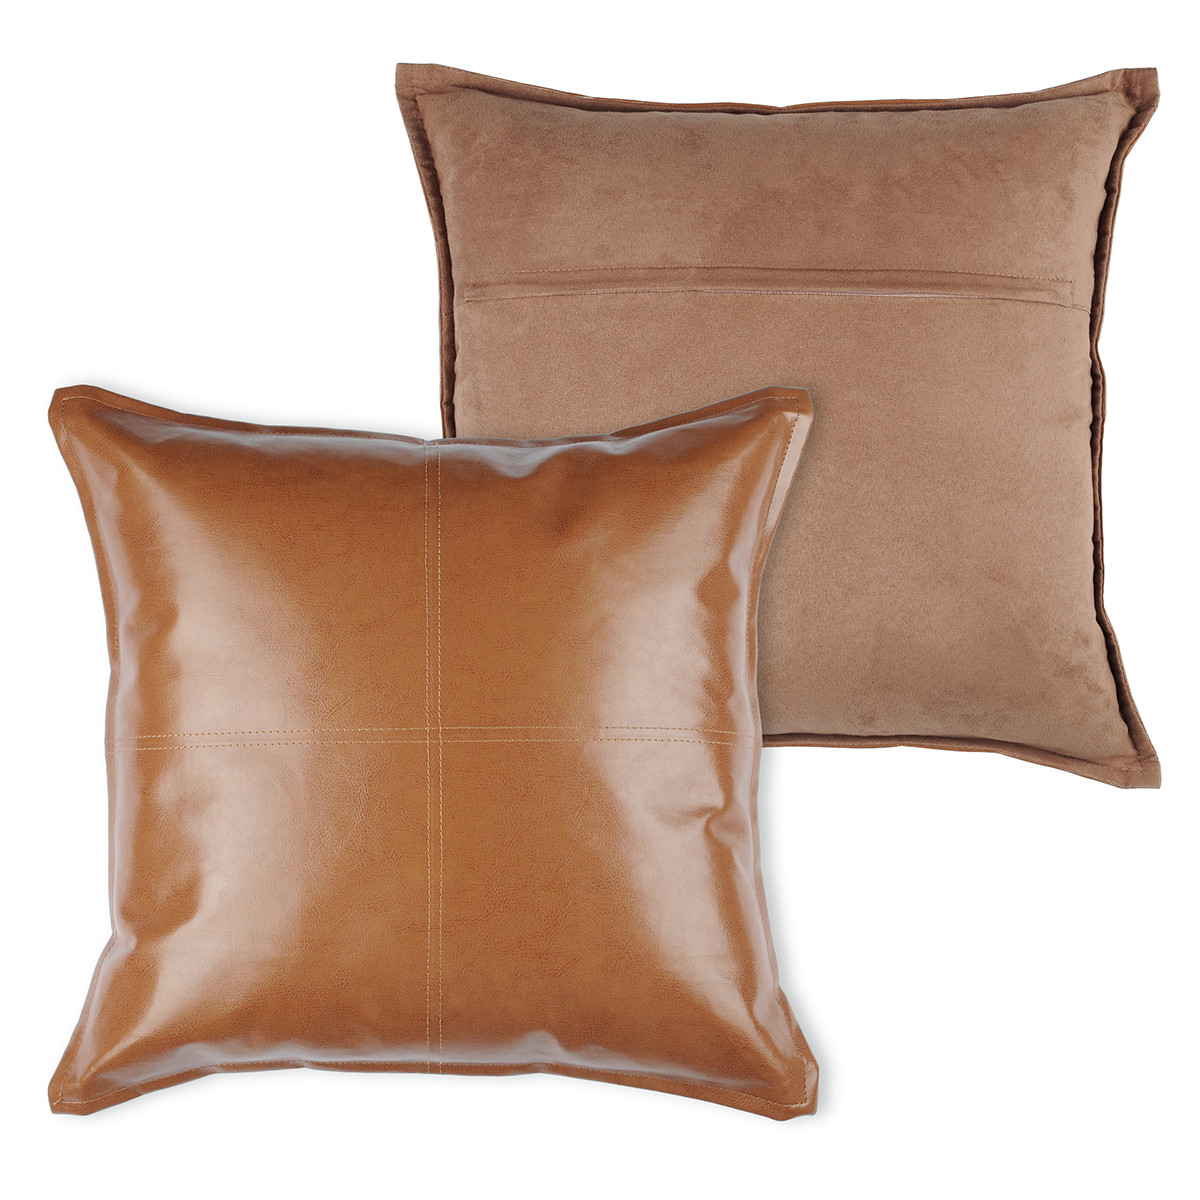 Διακοσμητικό Μαξιλάρι (40×40) S-F FactoryHouse Camel C05174002